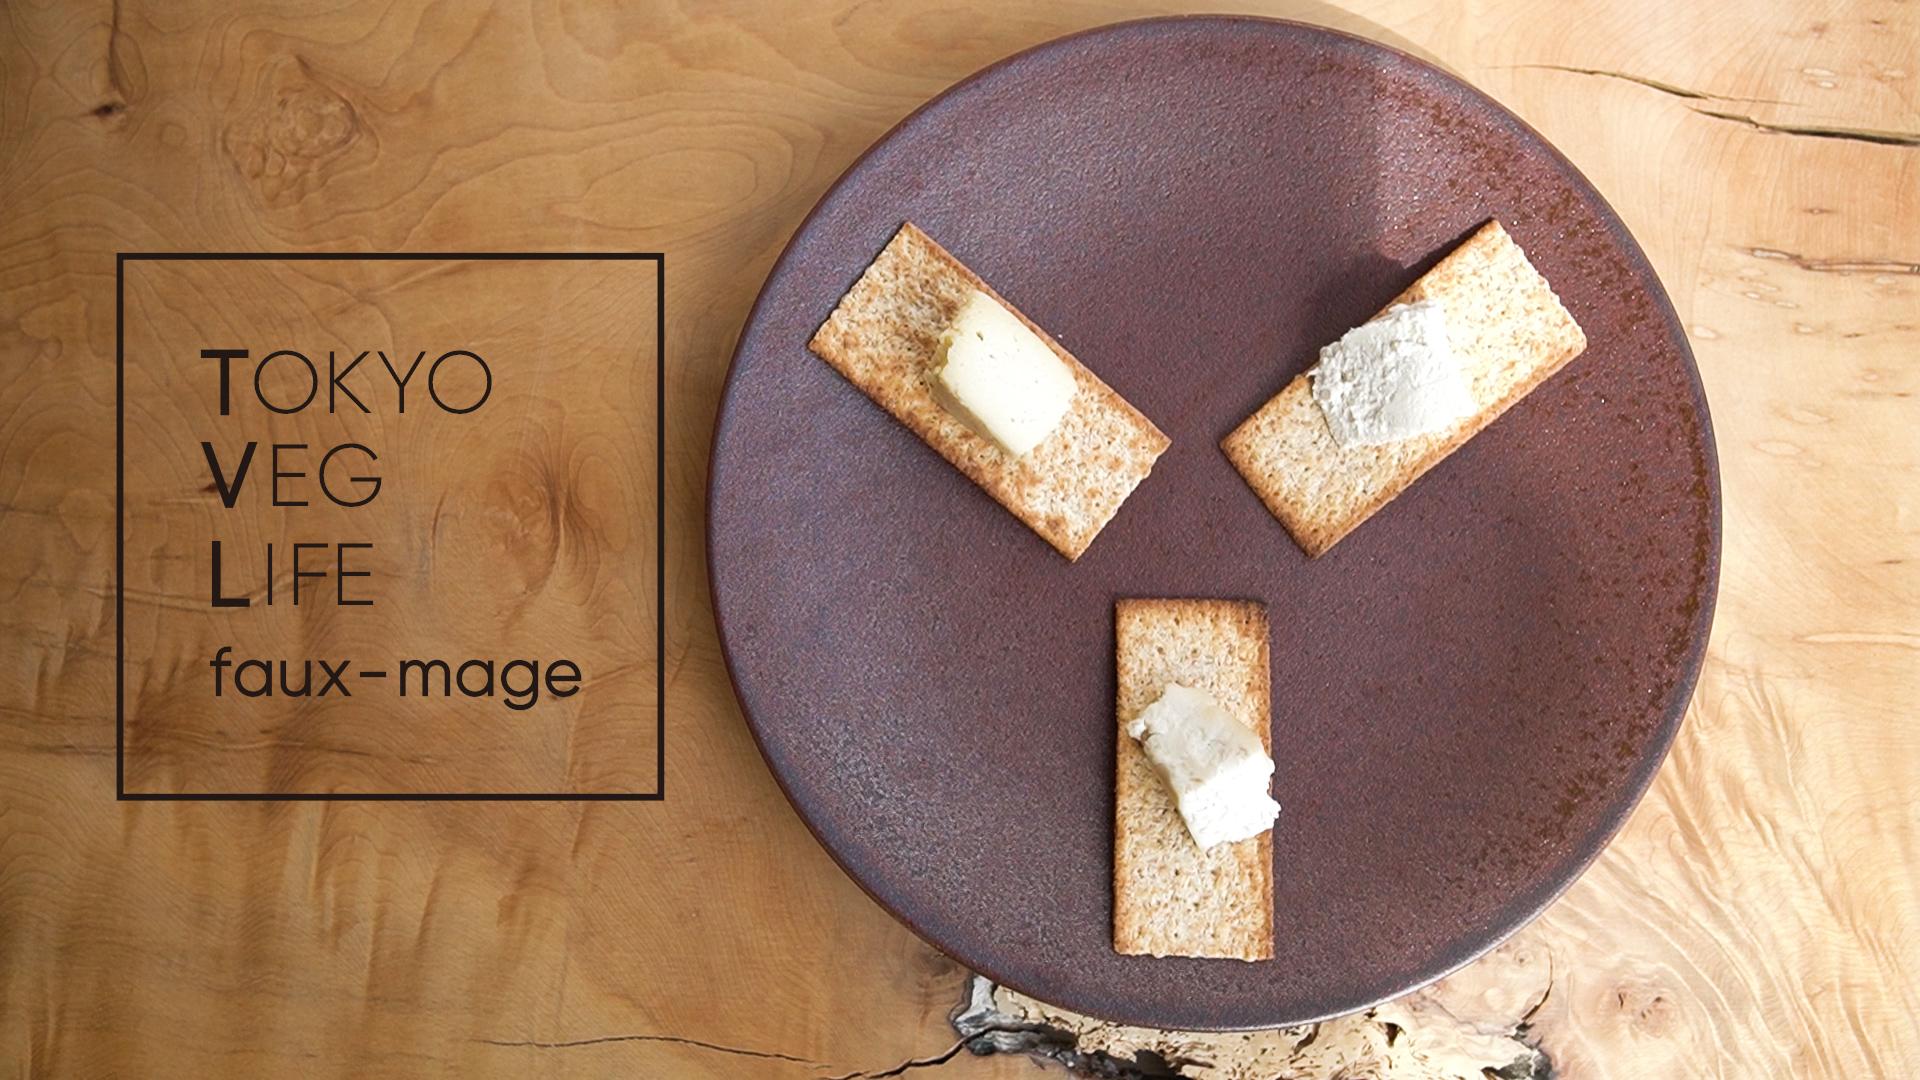 チーズだけど乳製品不使用 「TOKYO VEG LIFE」のビーガンブランド